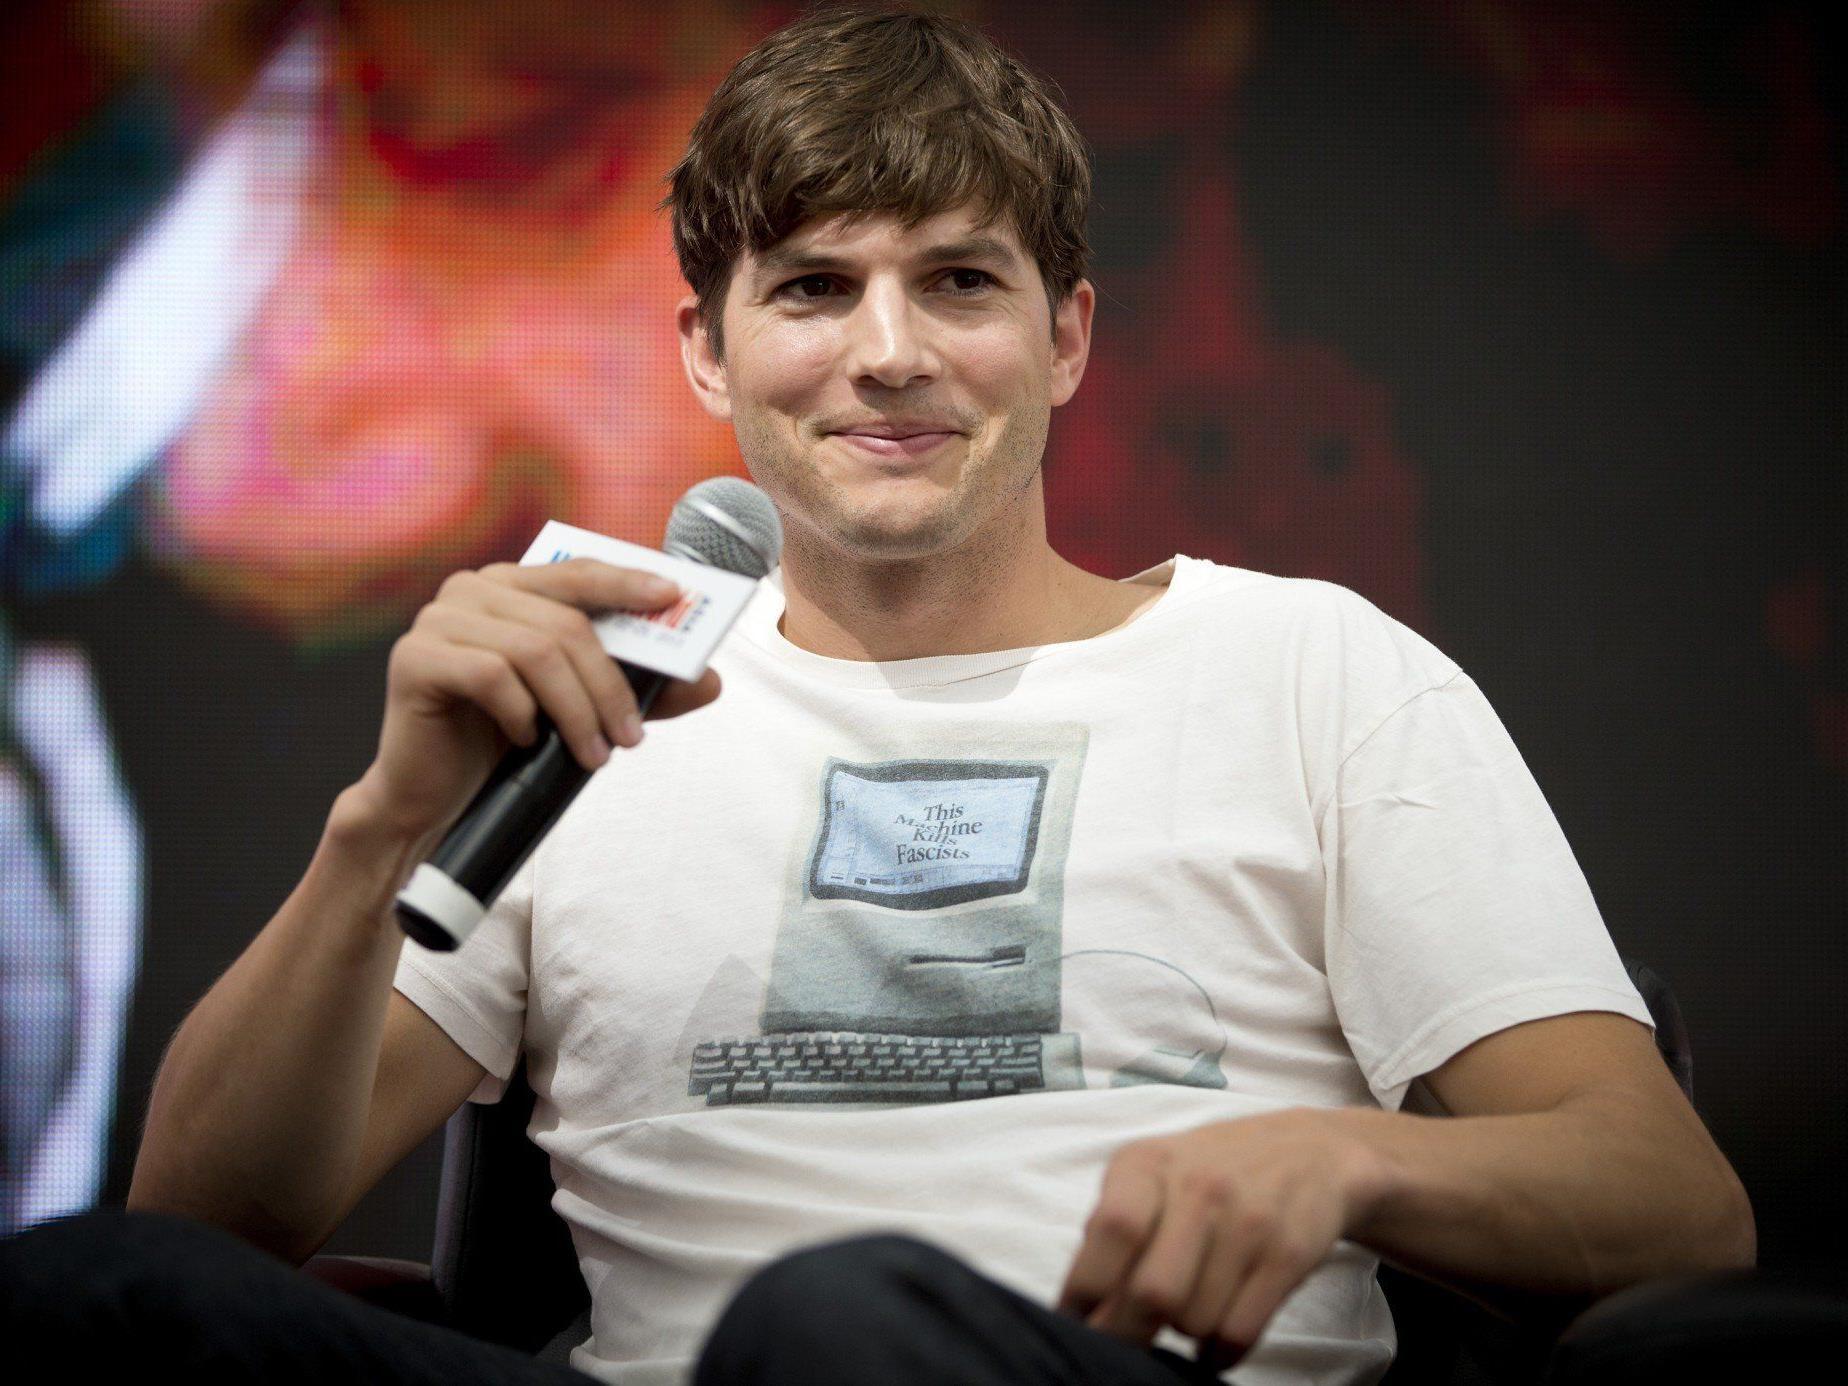 Ashton Kutcher zählt zu den bestbezahltesten Schauspielern im TV-Fernsehen.